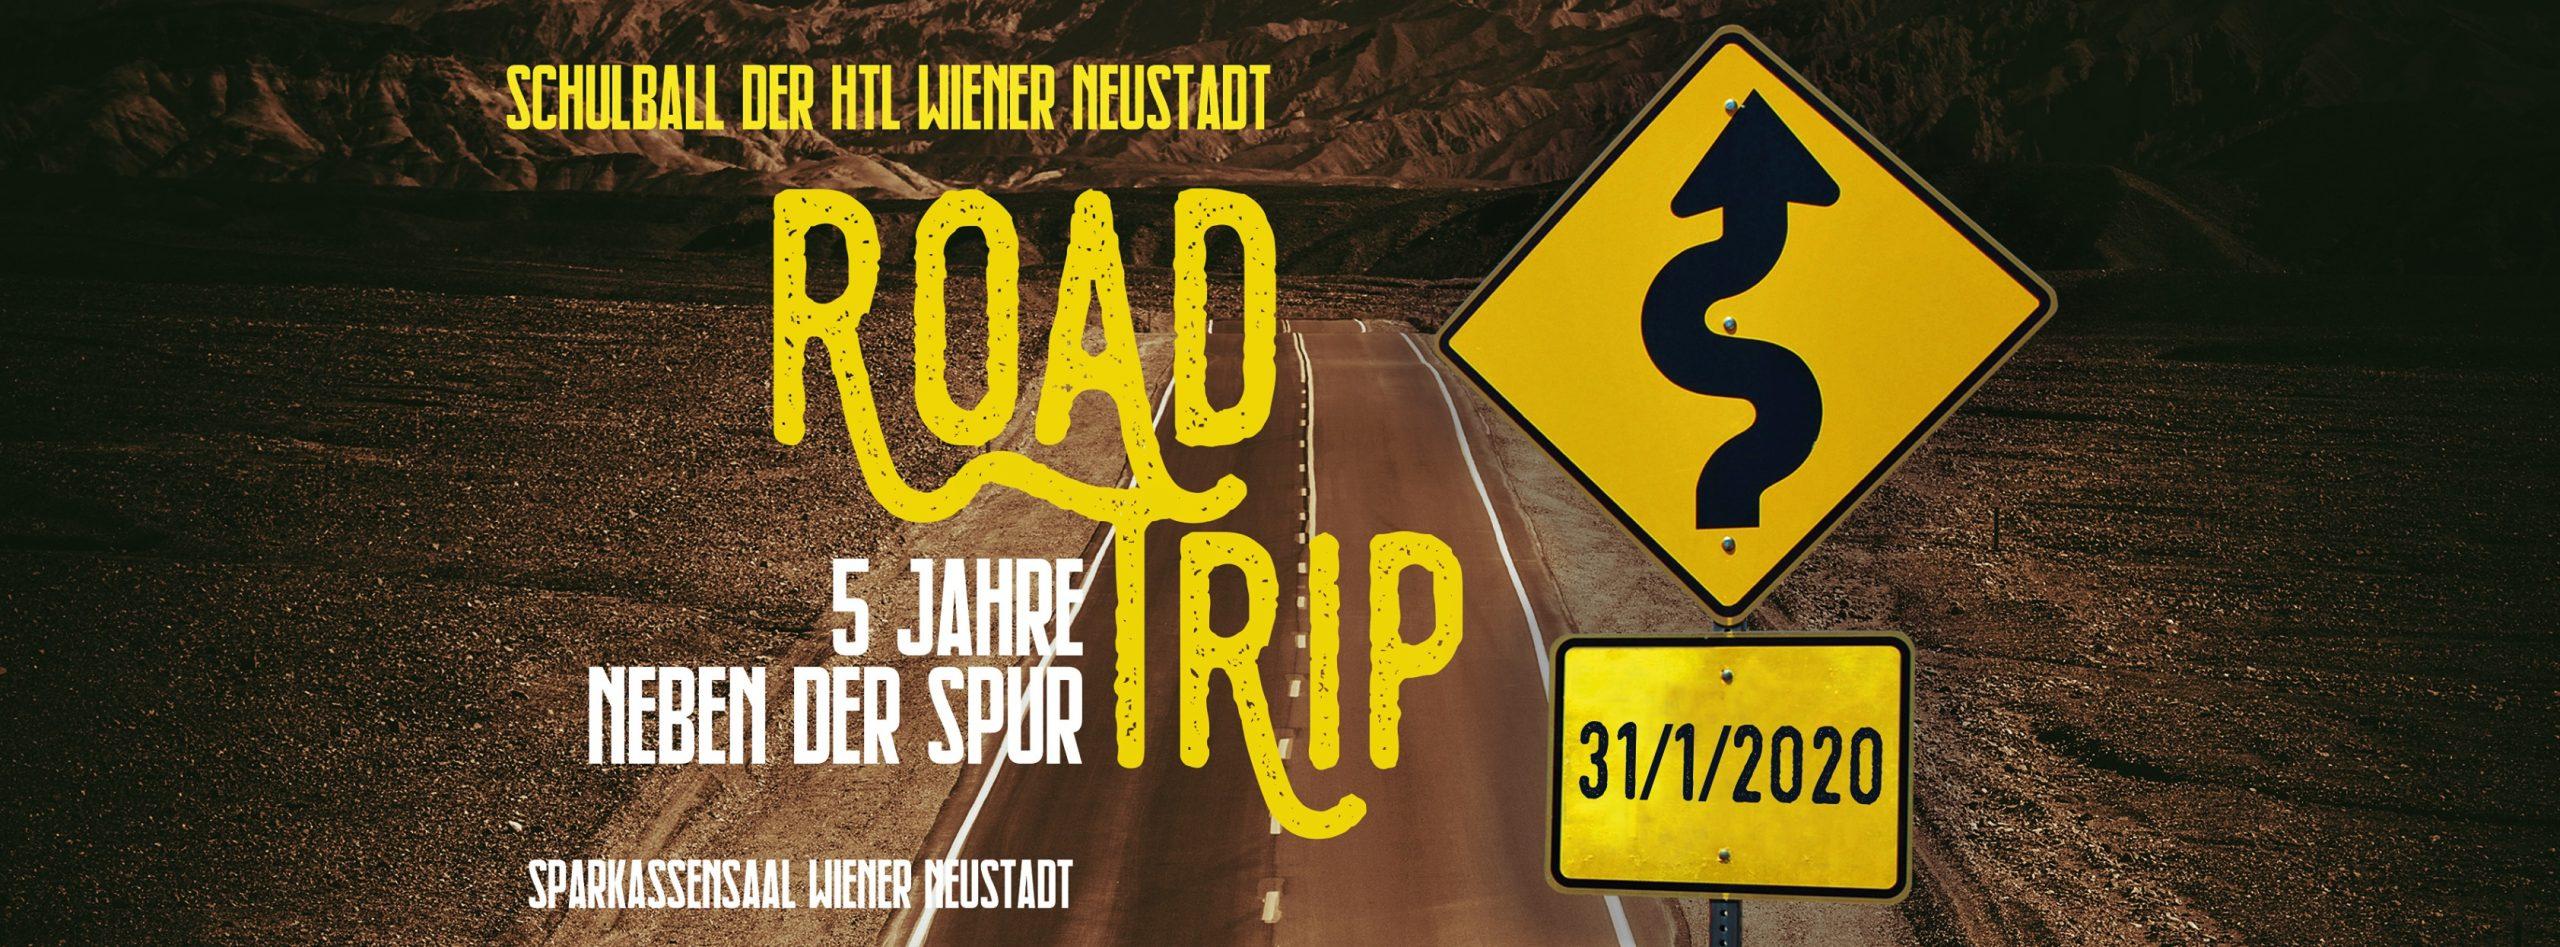 Roadtrip | Schulball der HTL Wr.Neustadt am 31. January 2020 @ Sparkassensaal Wiener Neustadt.